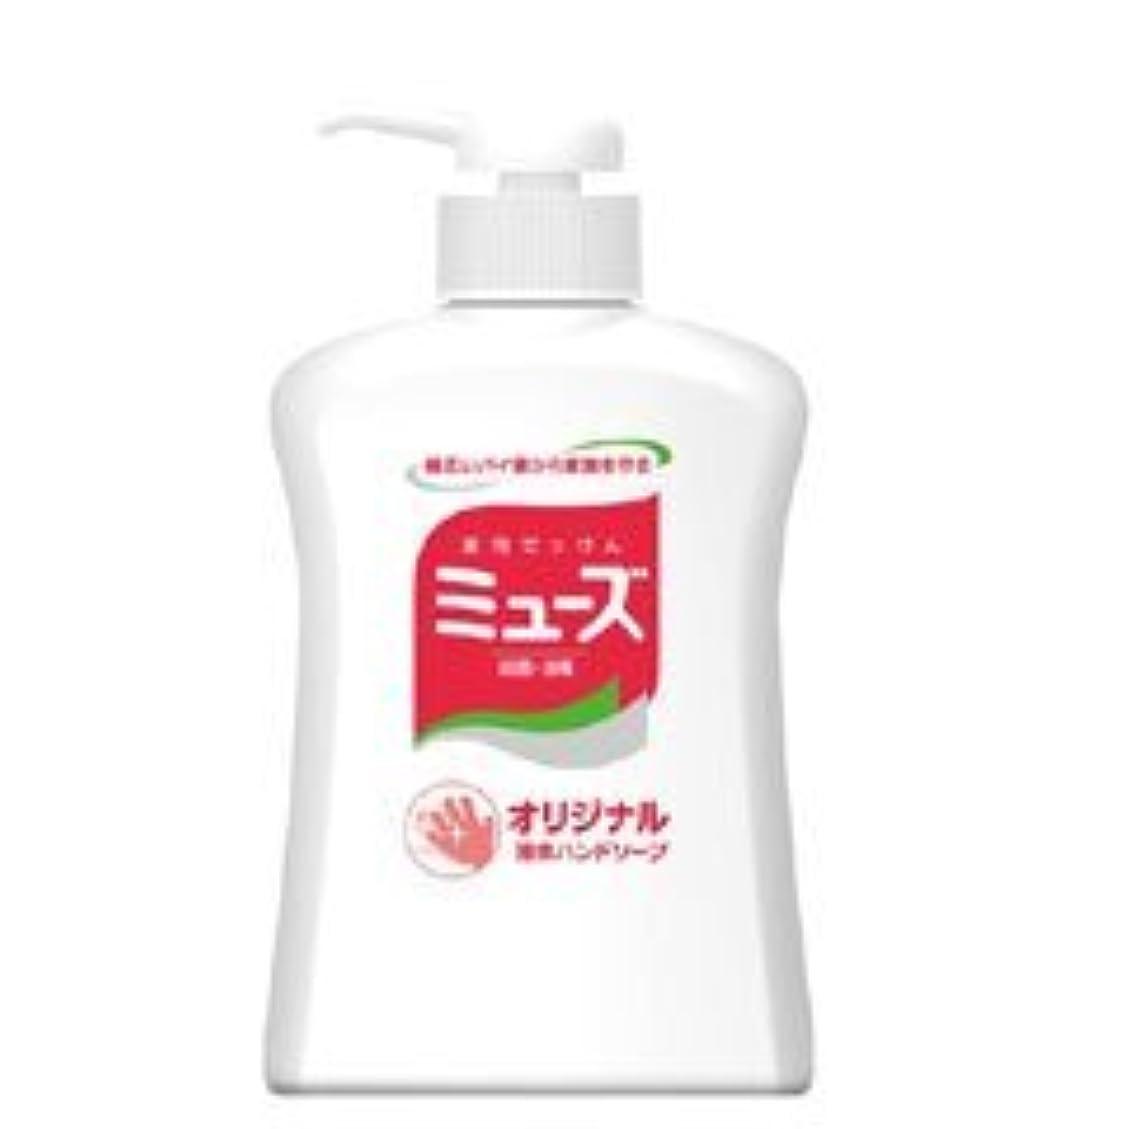 逃げる狂信者渇き【アース製薬】液体ミューズ オリジナル 本体 250ml